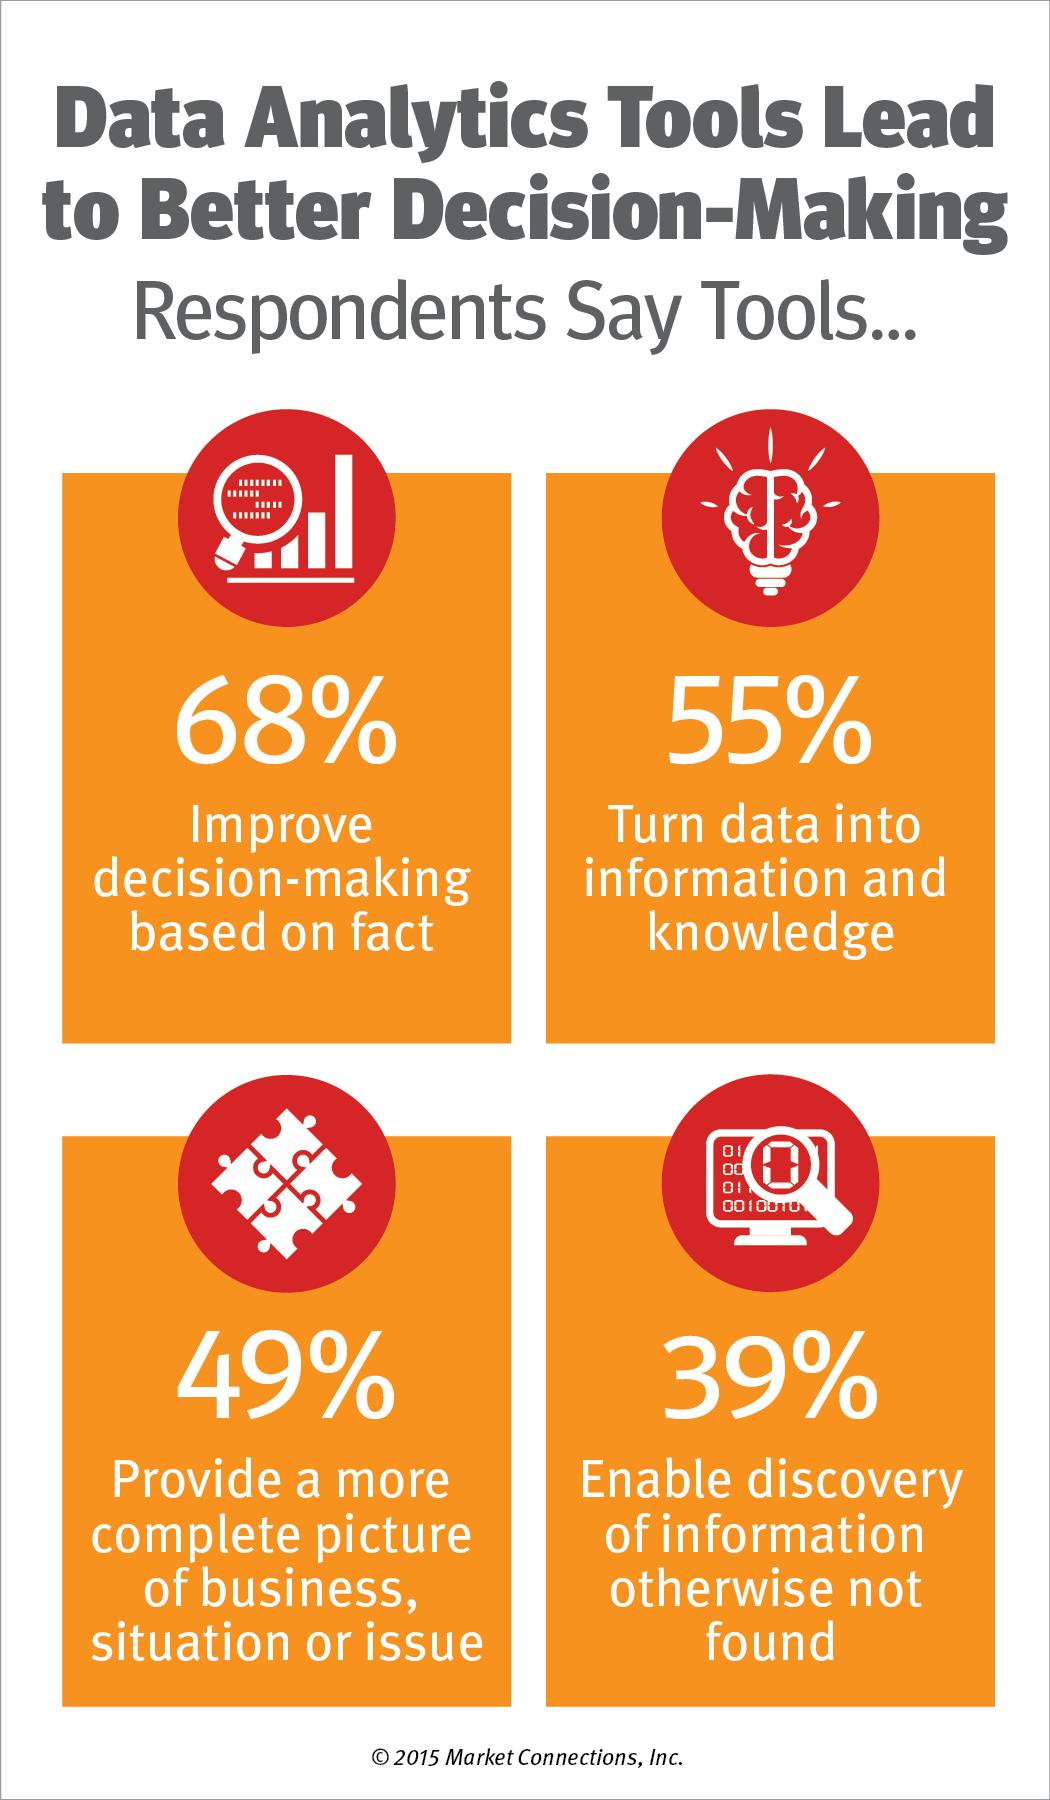 Big Data Deliver Big Benefits